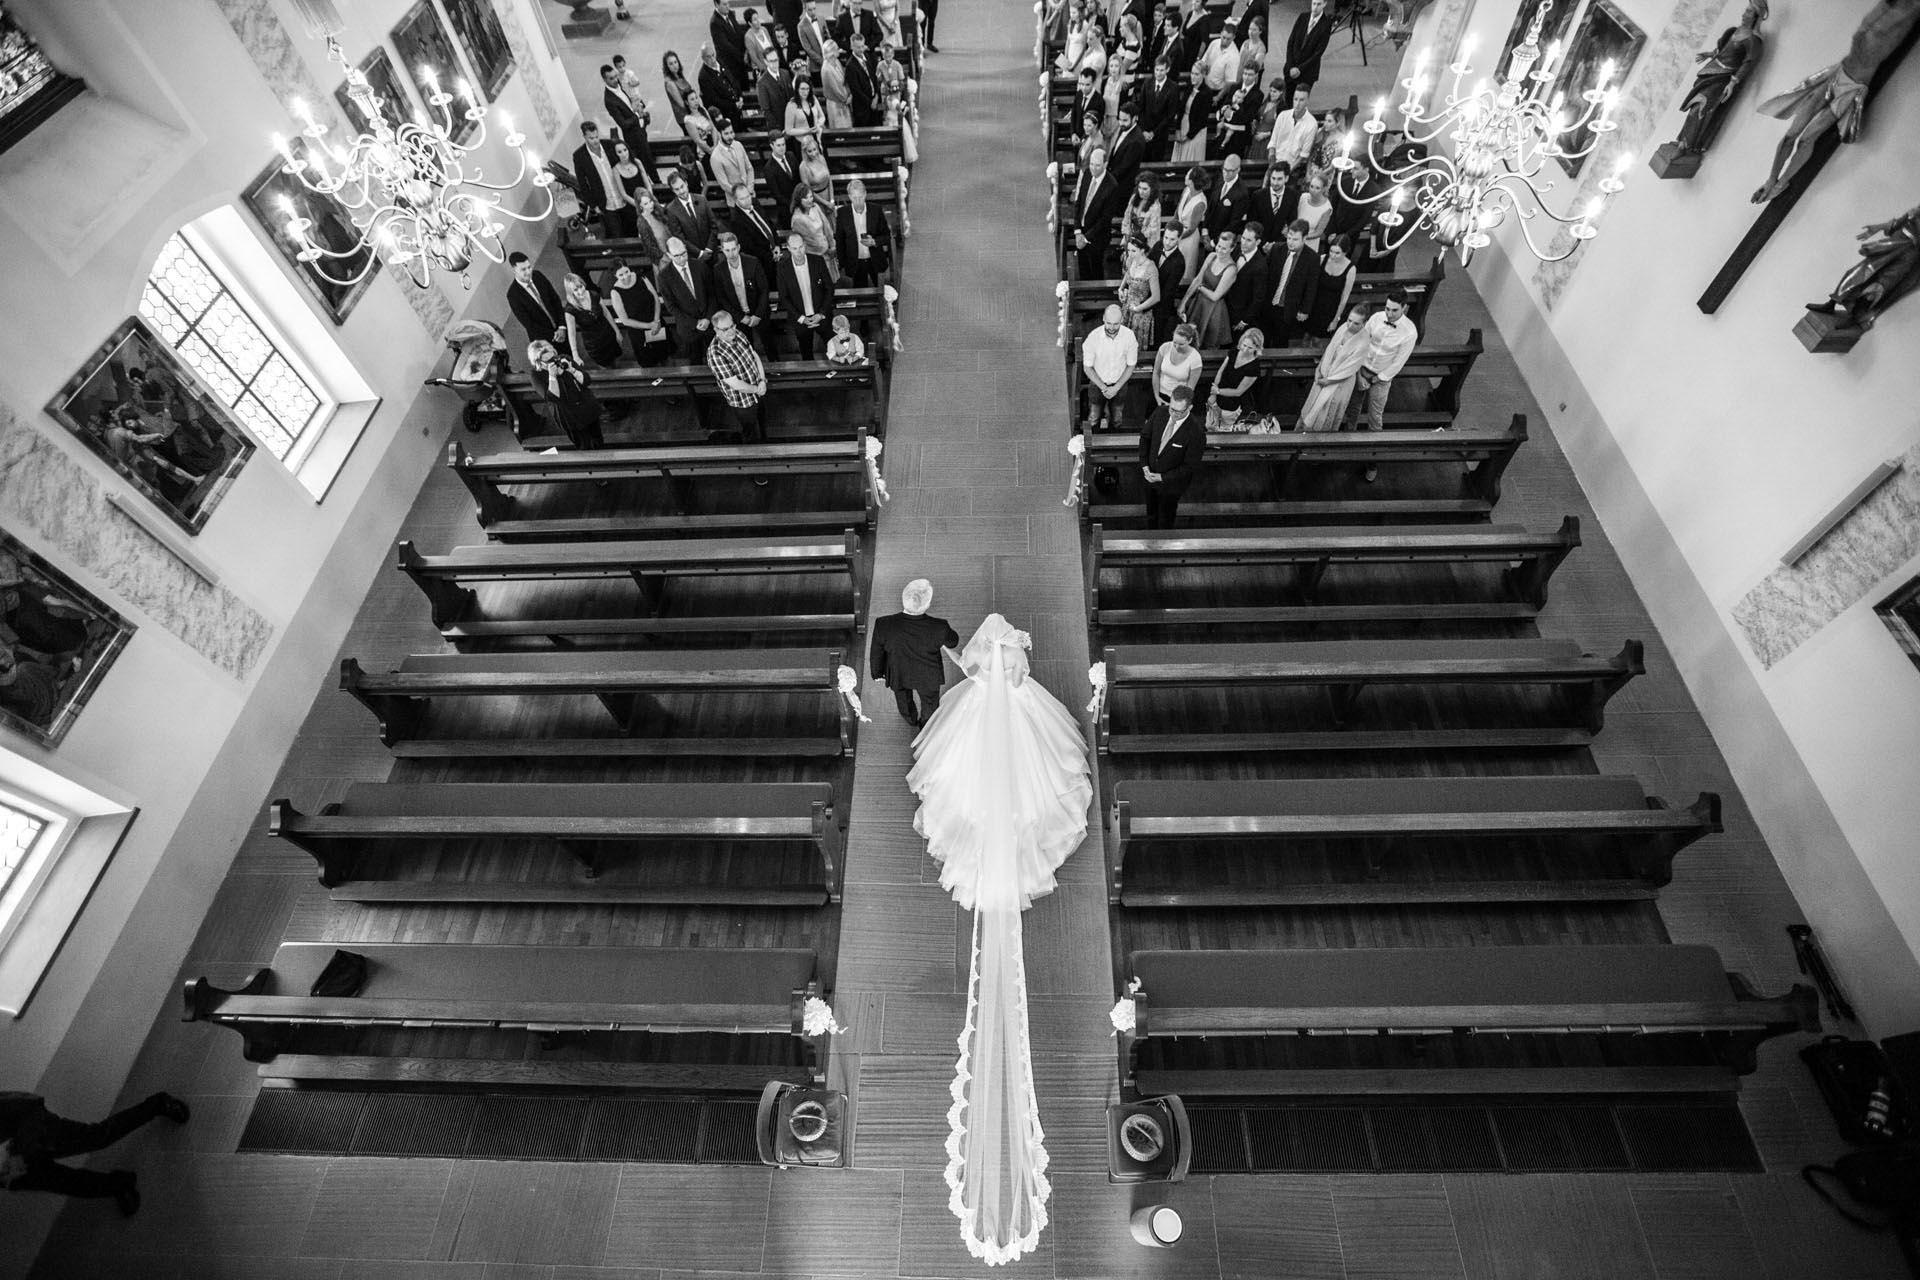 Hochzeitsfotograf Freiburg Umgebung Basel zuerich hochzeitsreportageKirche Braut und ihr Vater von oben